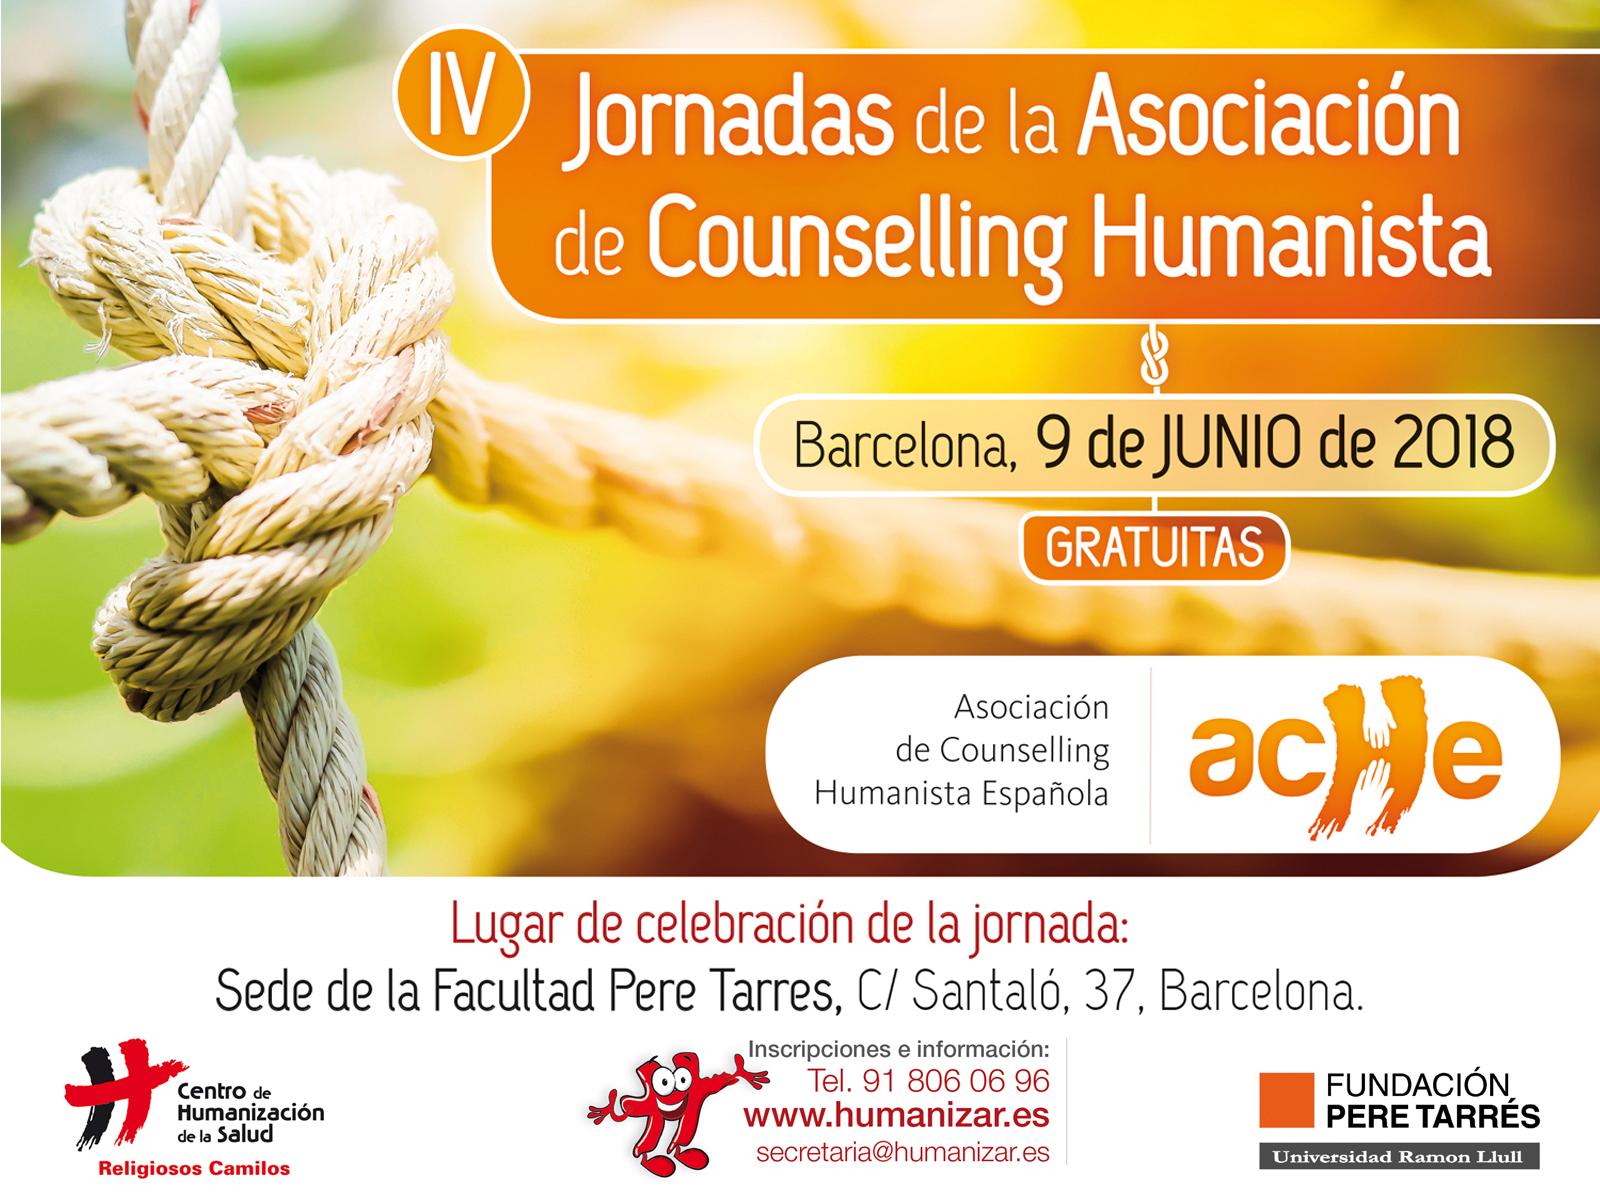 Será el tema que José Carlos Bermejo afrontará en las IV Jornadas de la Asociación de counselling humanista (ACHE)